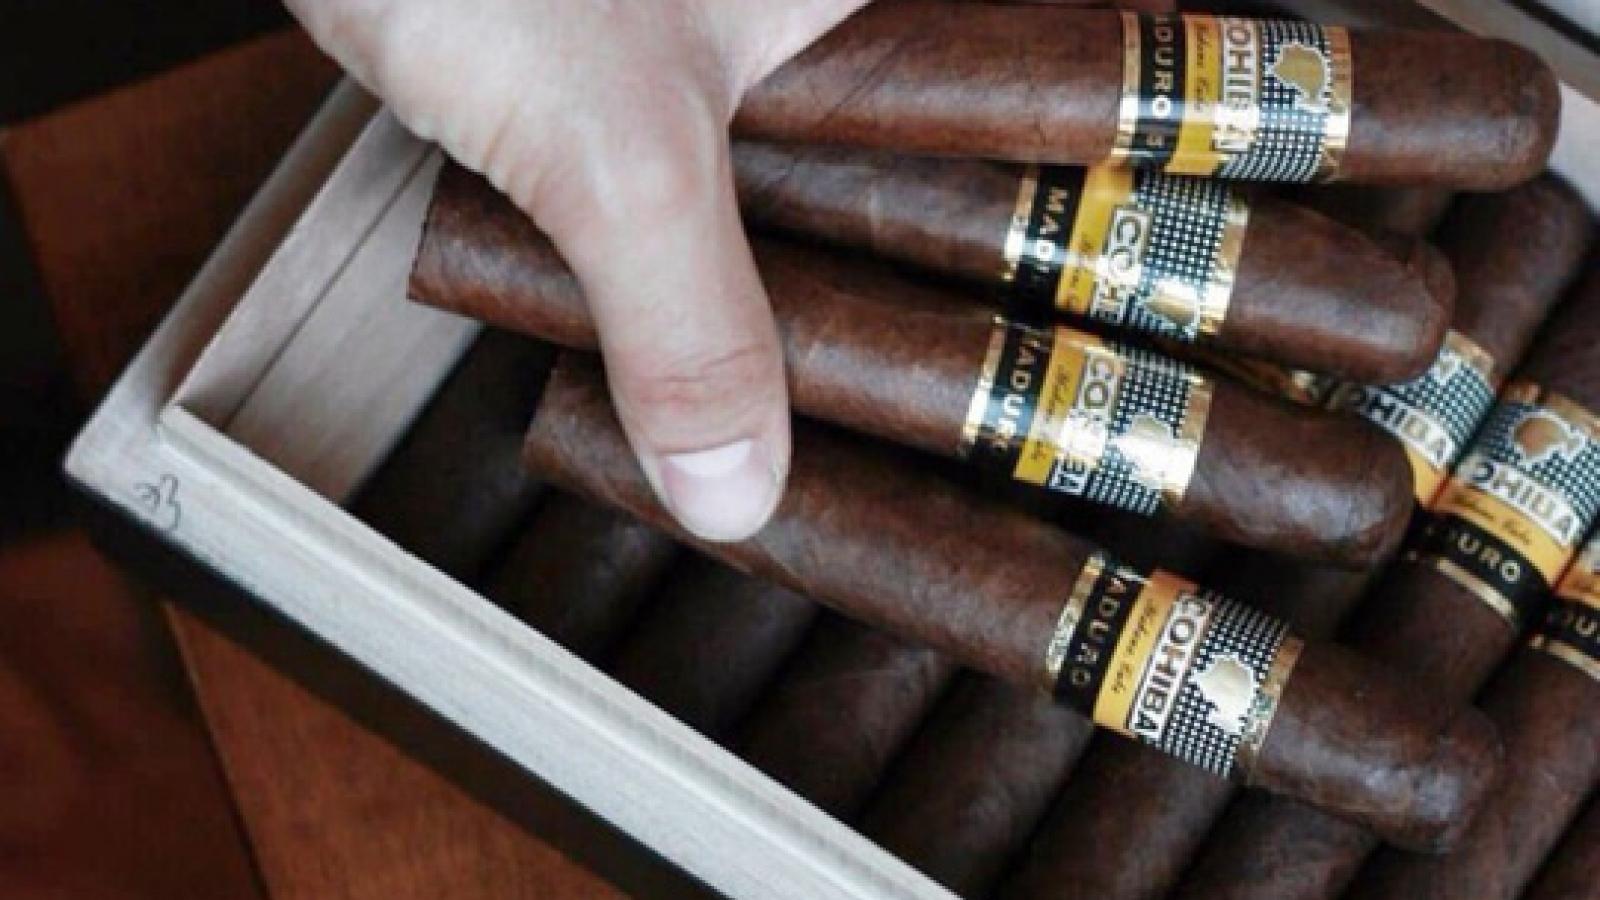 Over 1,000 cigars seized in huge smuggling case